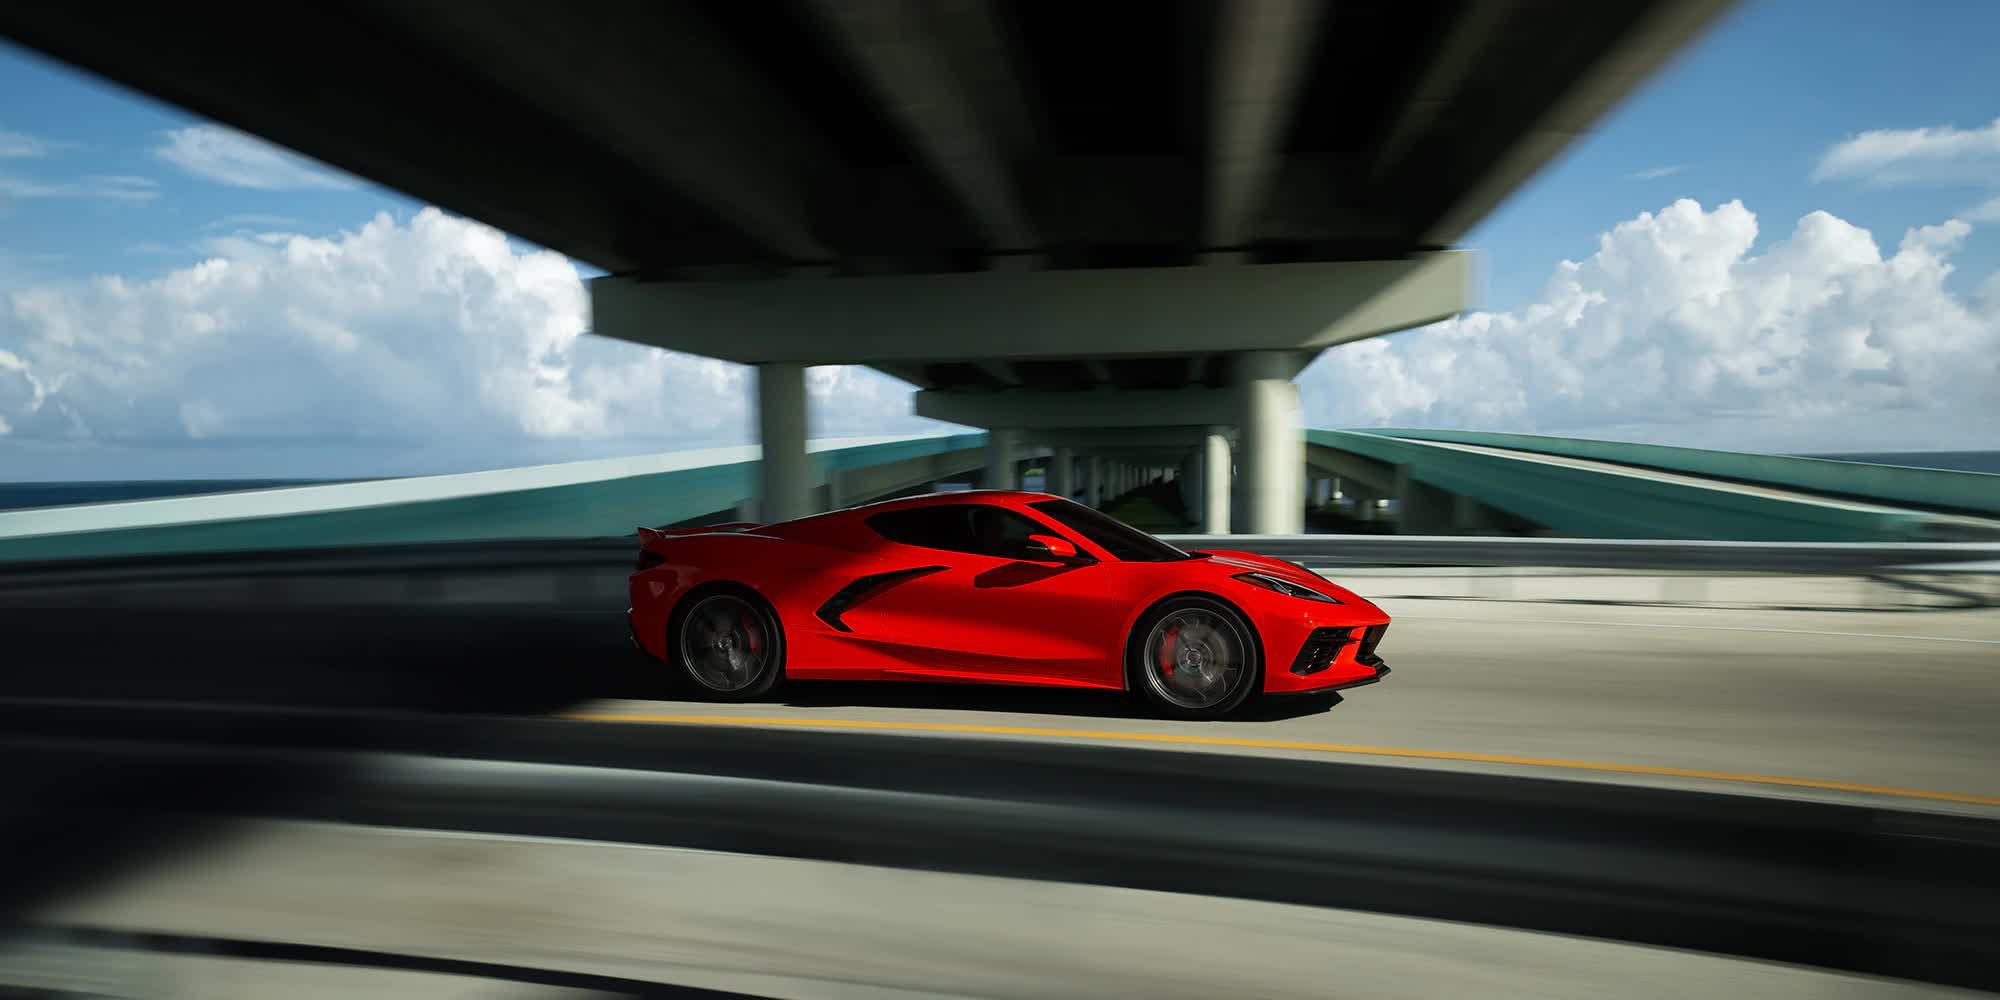 Corvette-c8-stingray-rossa-2020-in-america-auto-sportiva-a-motore-centrale-disponibile-con-allestimento-coupe-e-convertible-in-esclusiva-presso-gruppo-cavauto-a-Monza.jpg